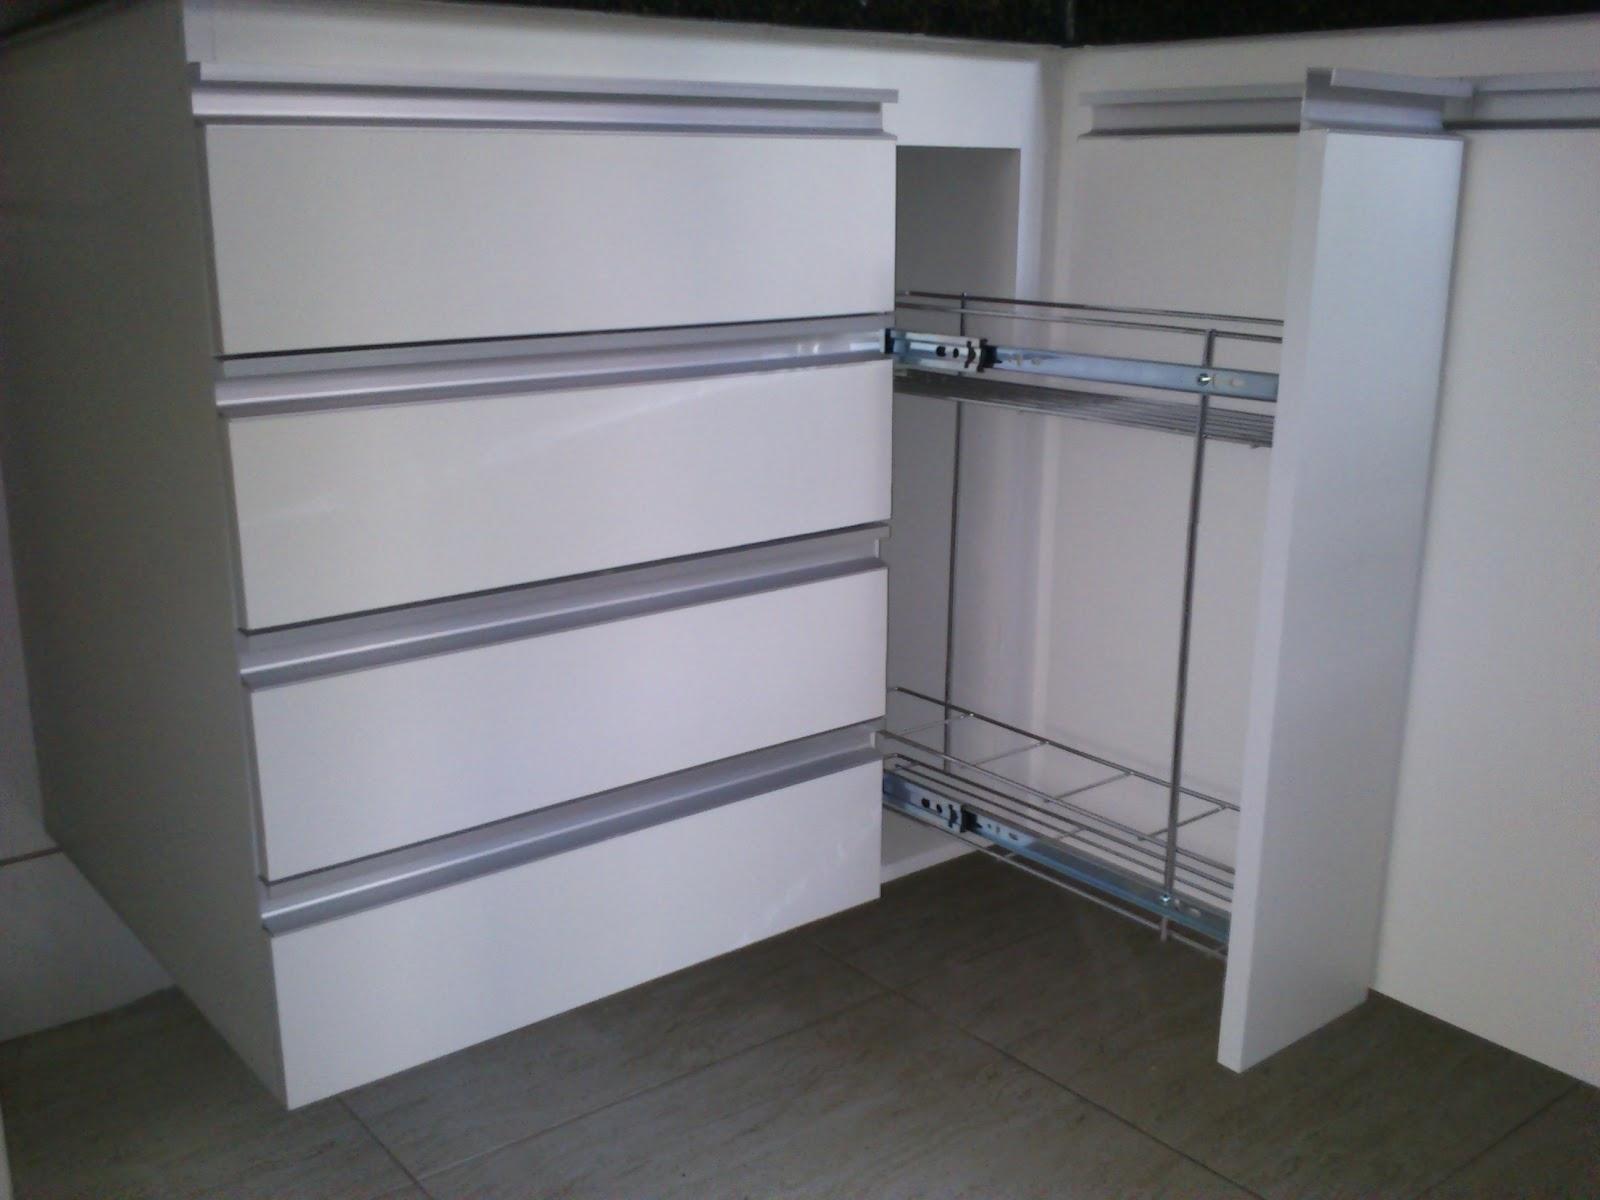 Puxador de armario de cozinha plastico - Armarios de plastico ...